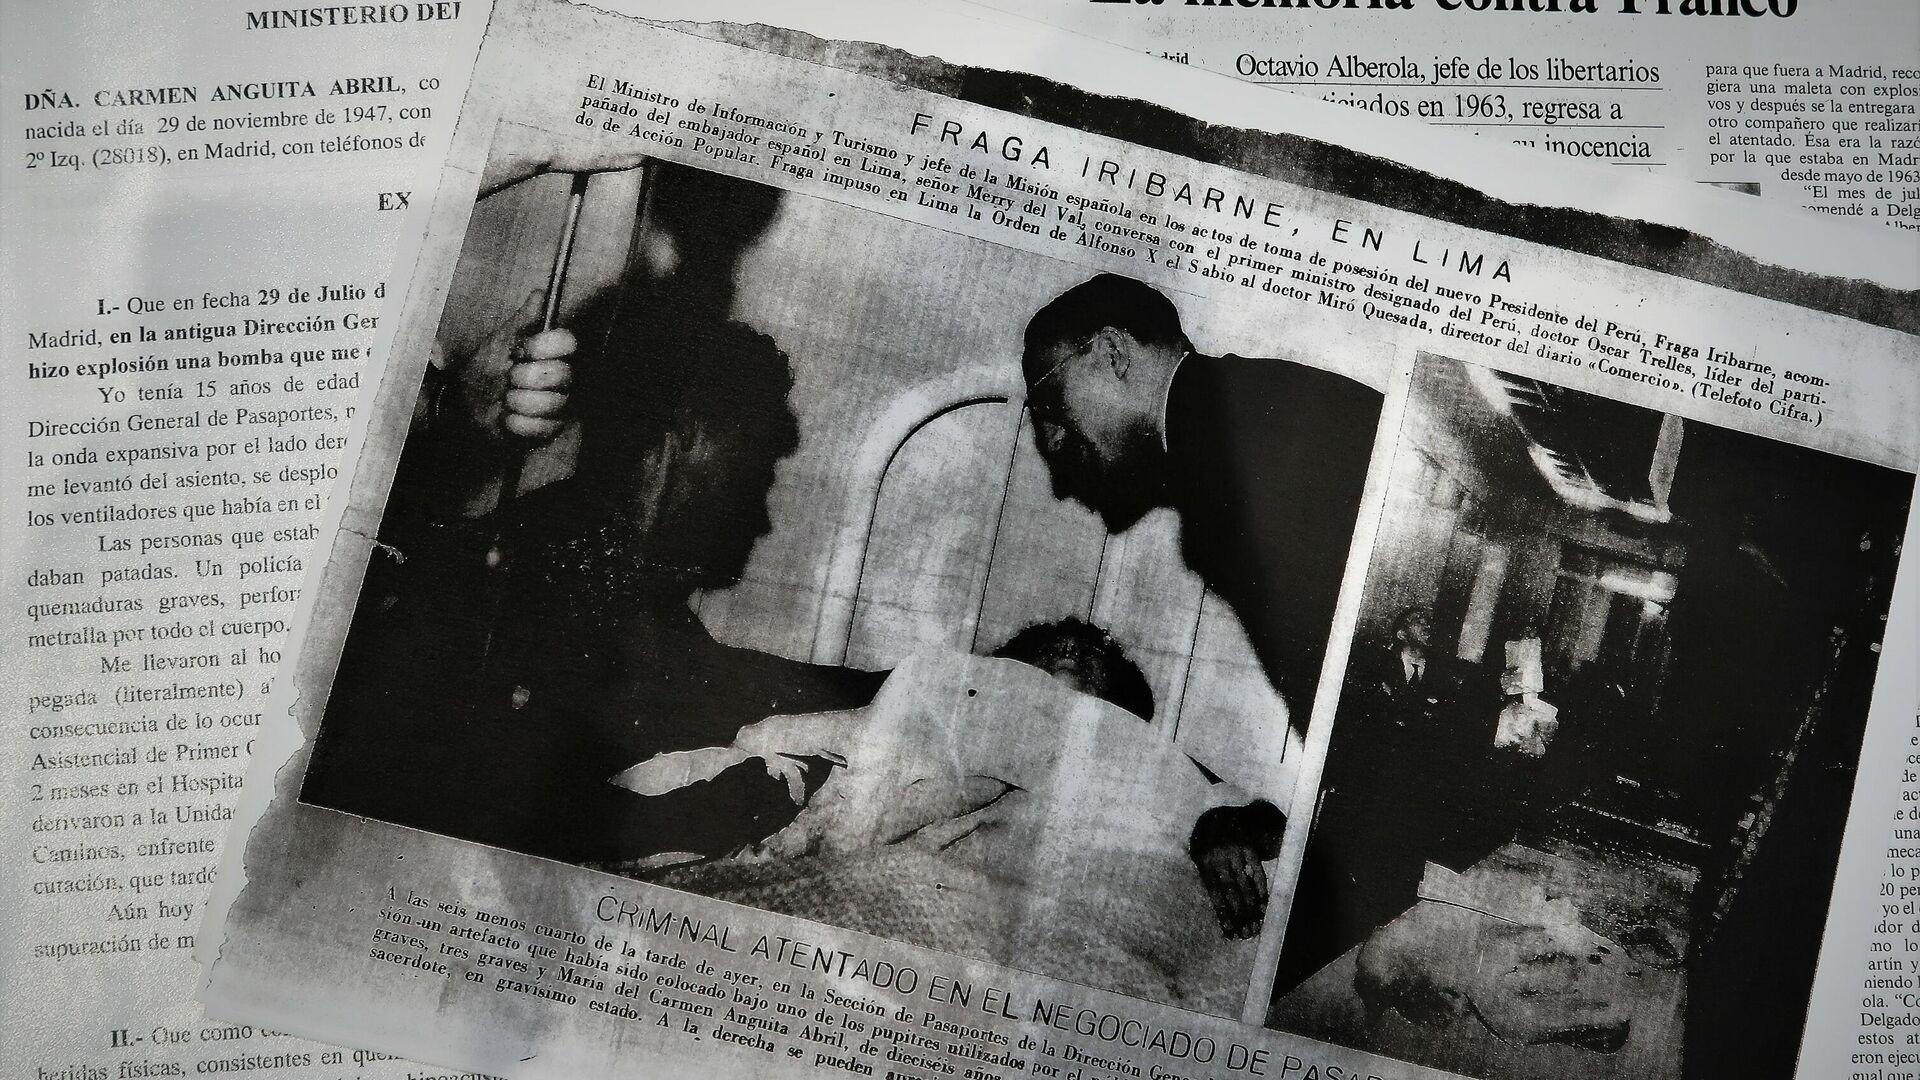 Recortes de prensa y documentos sobre el atentado de Carmen Anguita, víctima de terrorismo en España - Sputnik Mundo, 1920, 01.06.2021